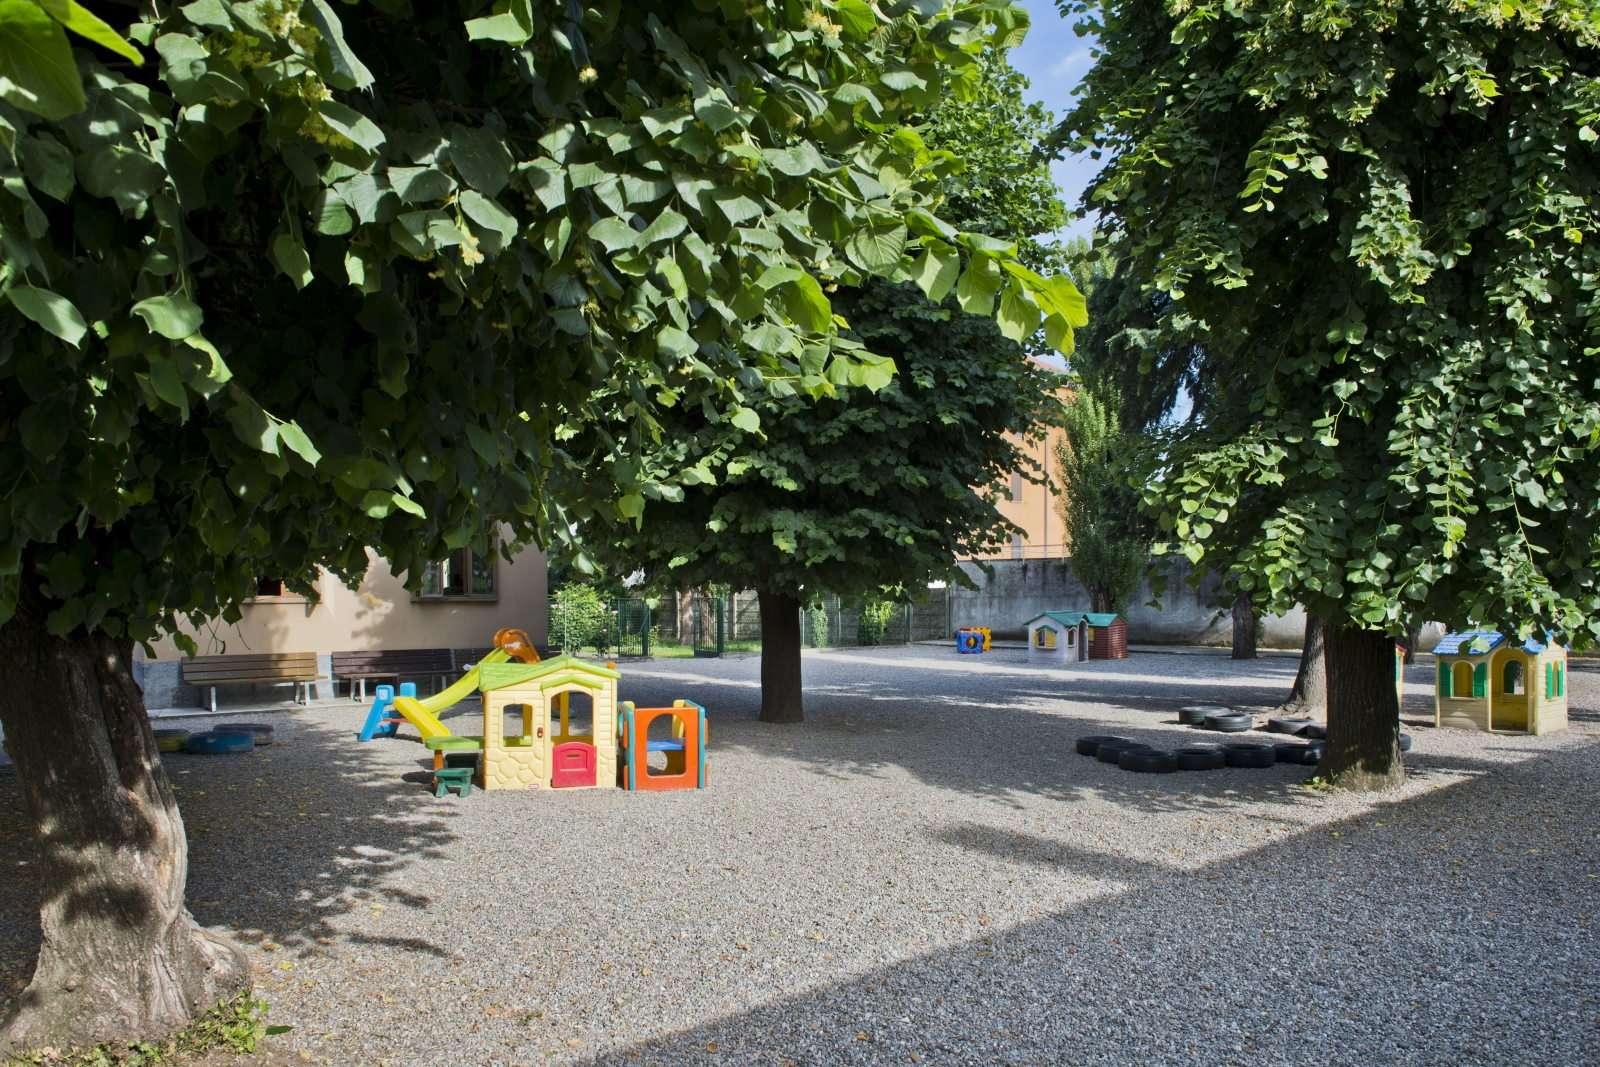 029 D4C 5557 Ridotte - Scuola Materna Peschiera Borromeo